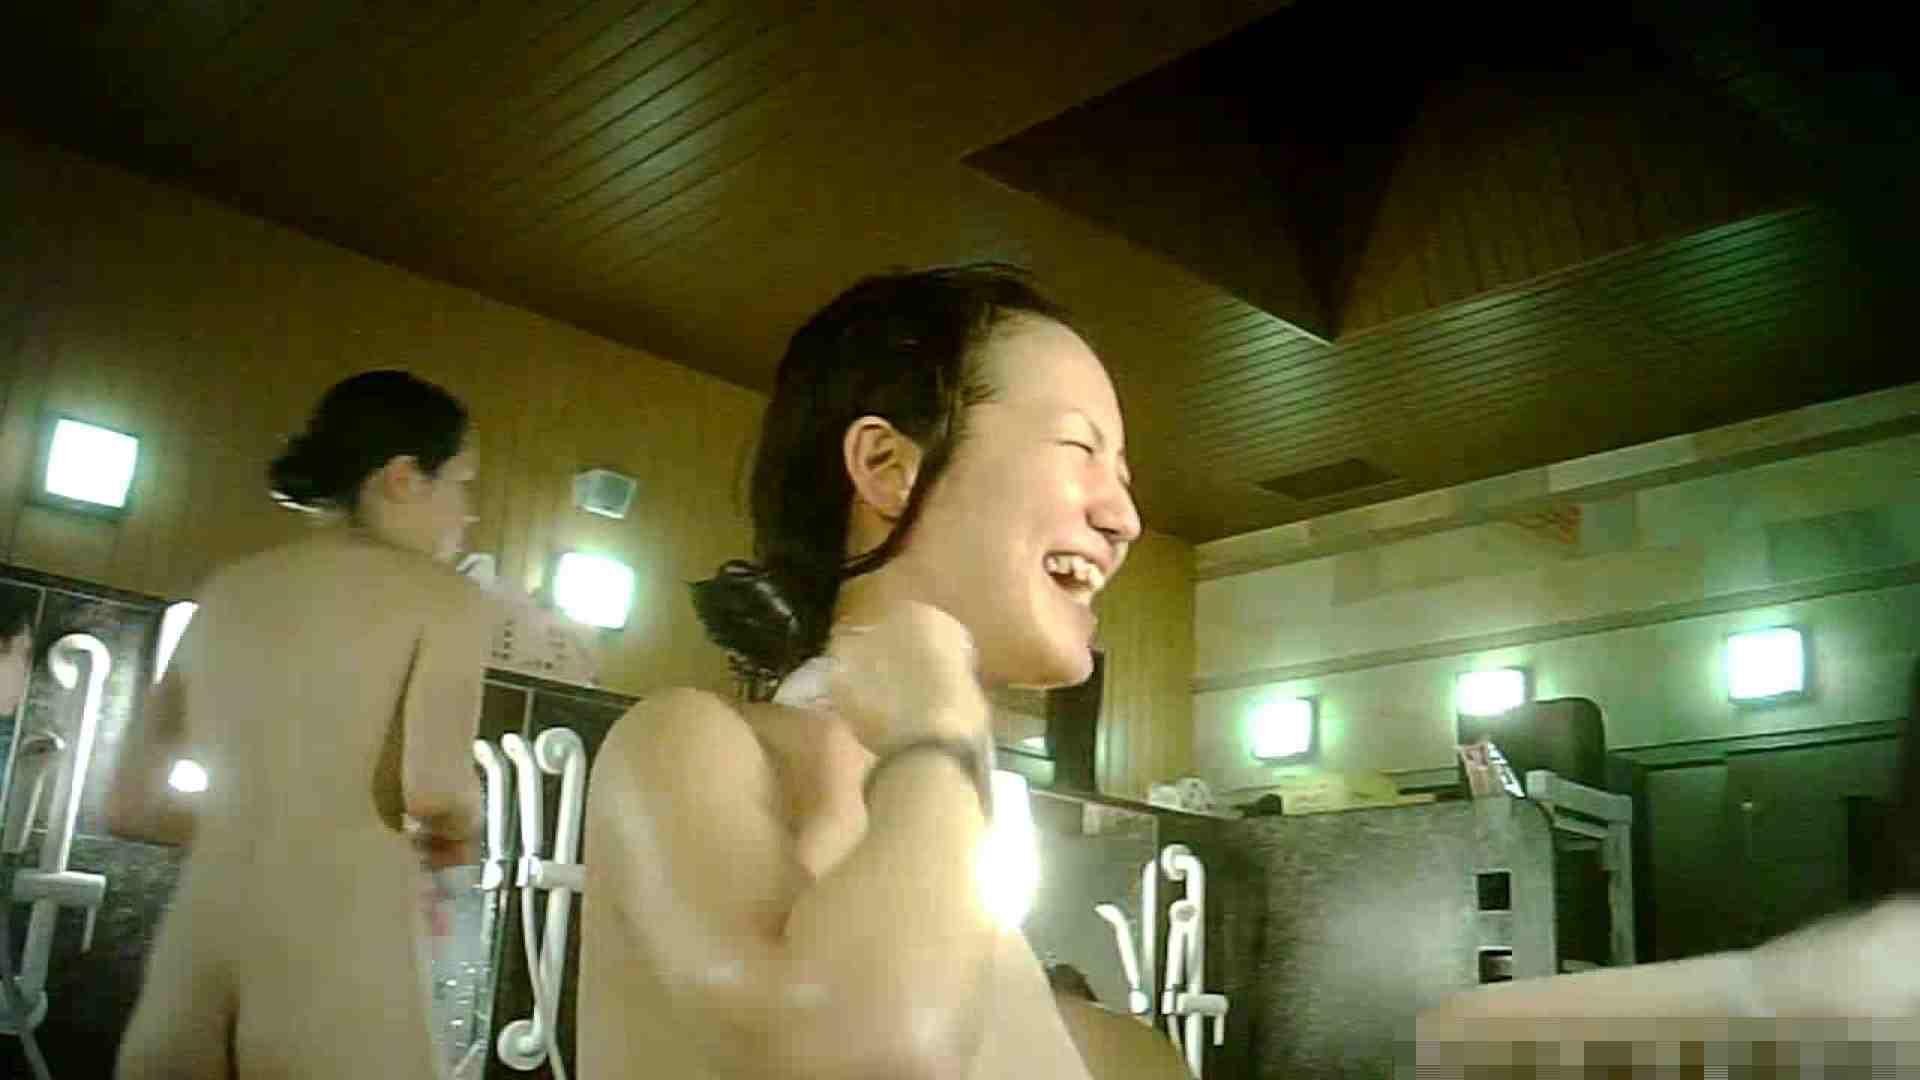 無修正エロ動画 No.2 洗い場!!小学校からの仲良しといった普通な感じが高評価 怪盗ジョーカー